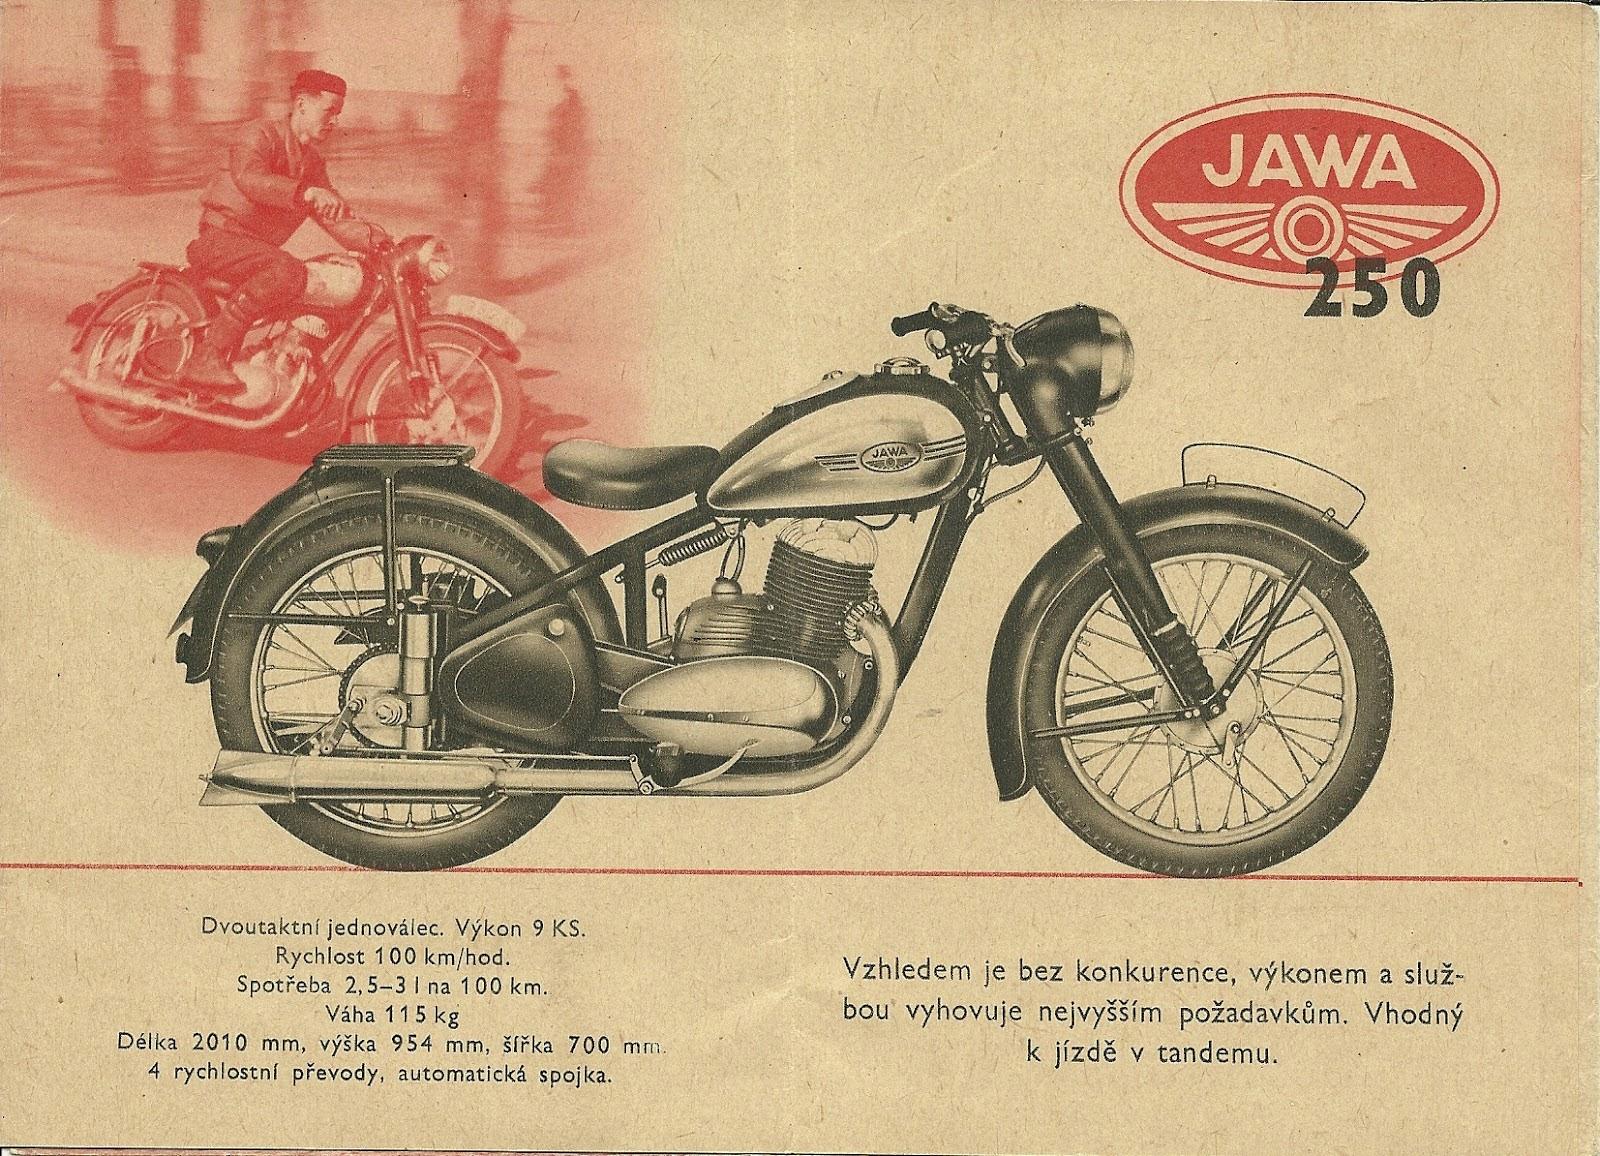 Ulotka reklamowa Jawa 250